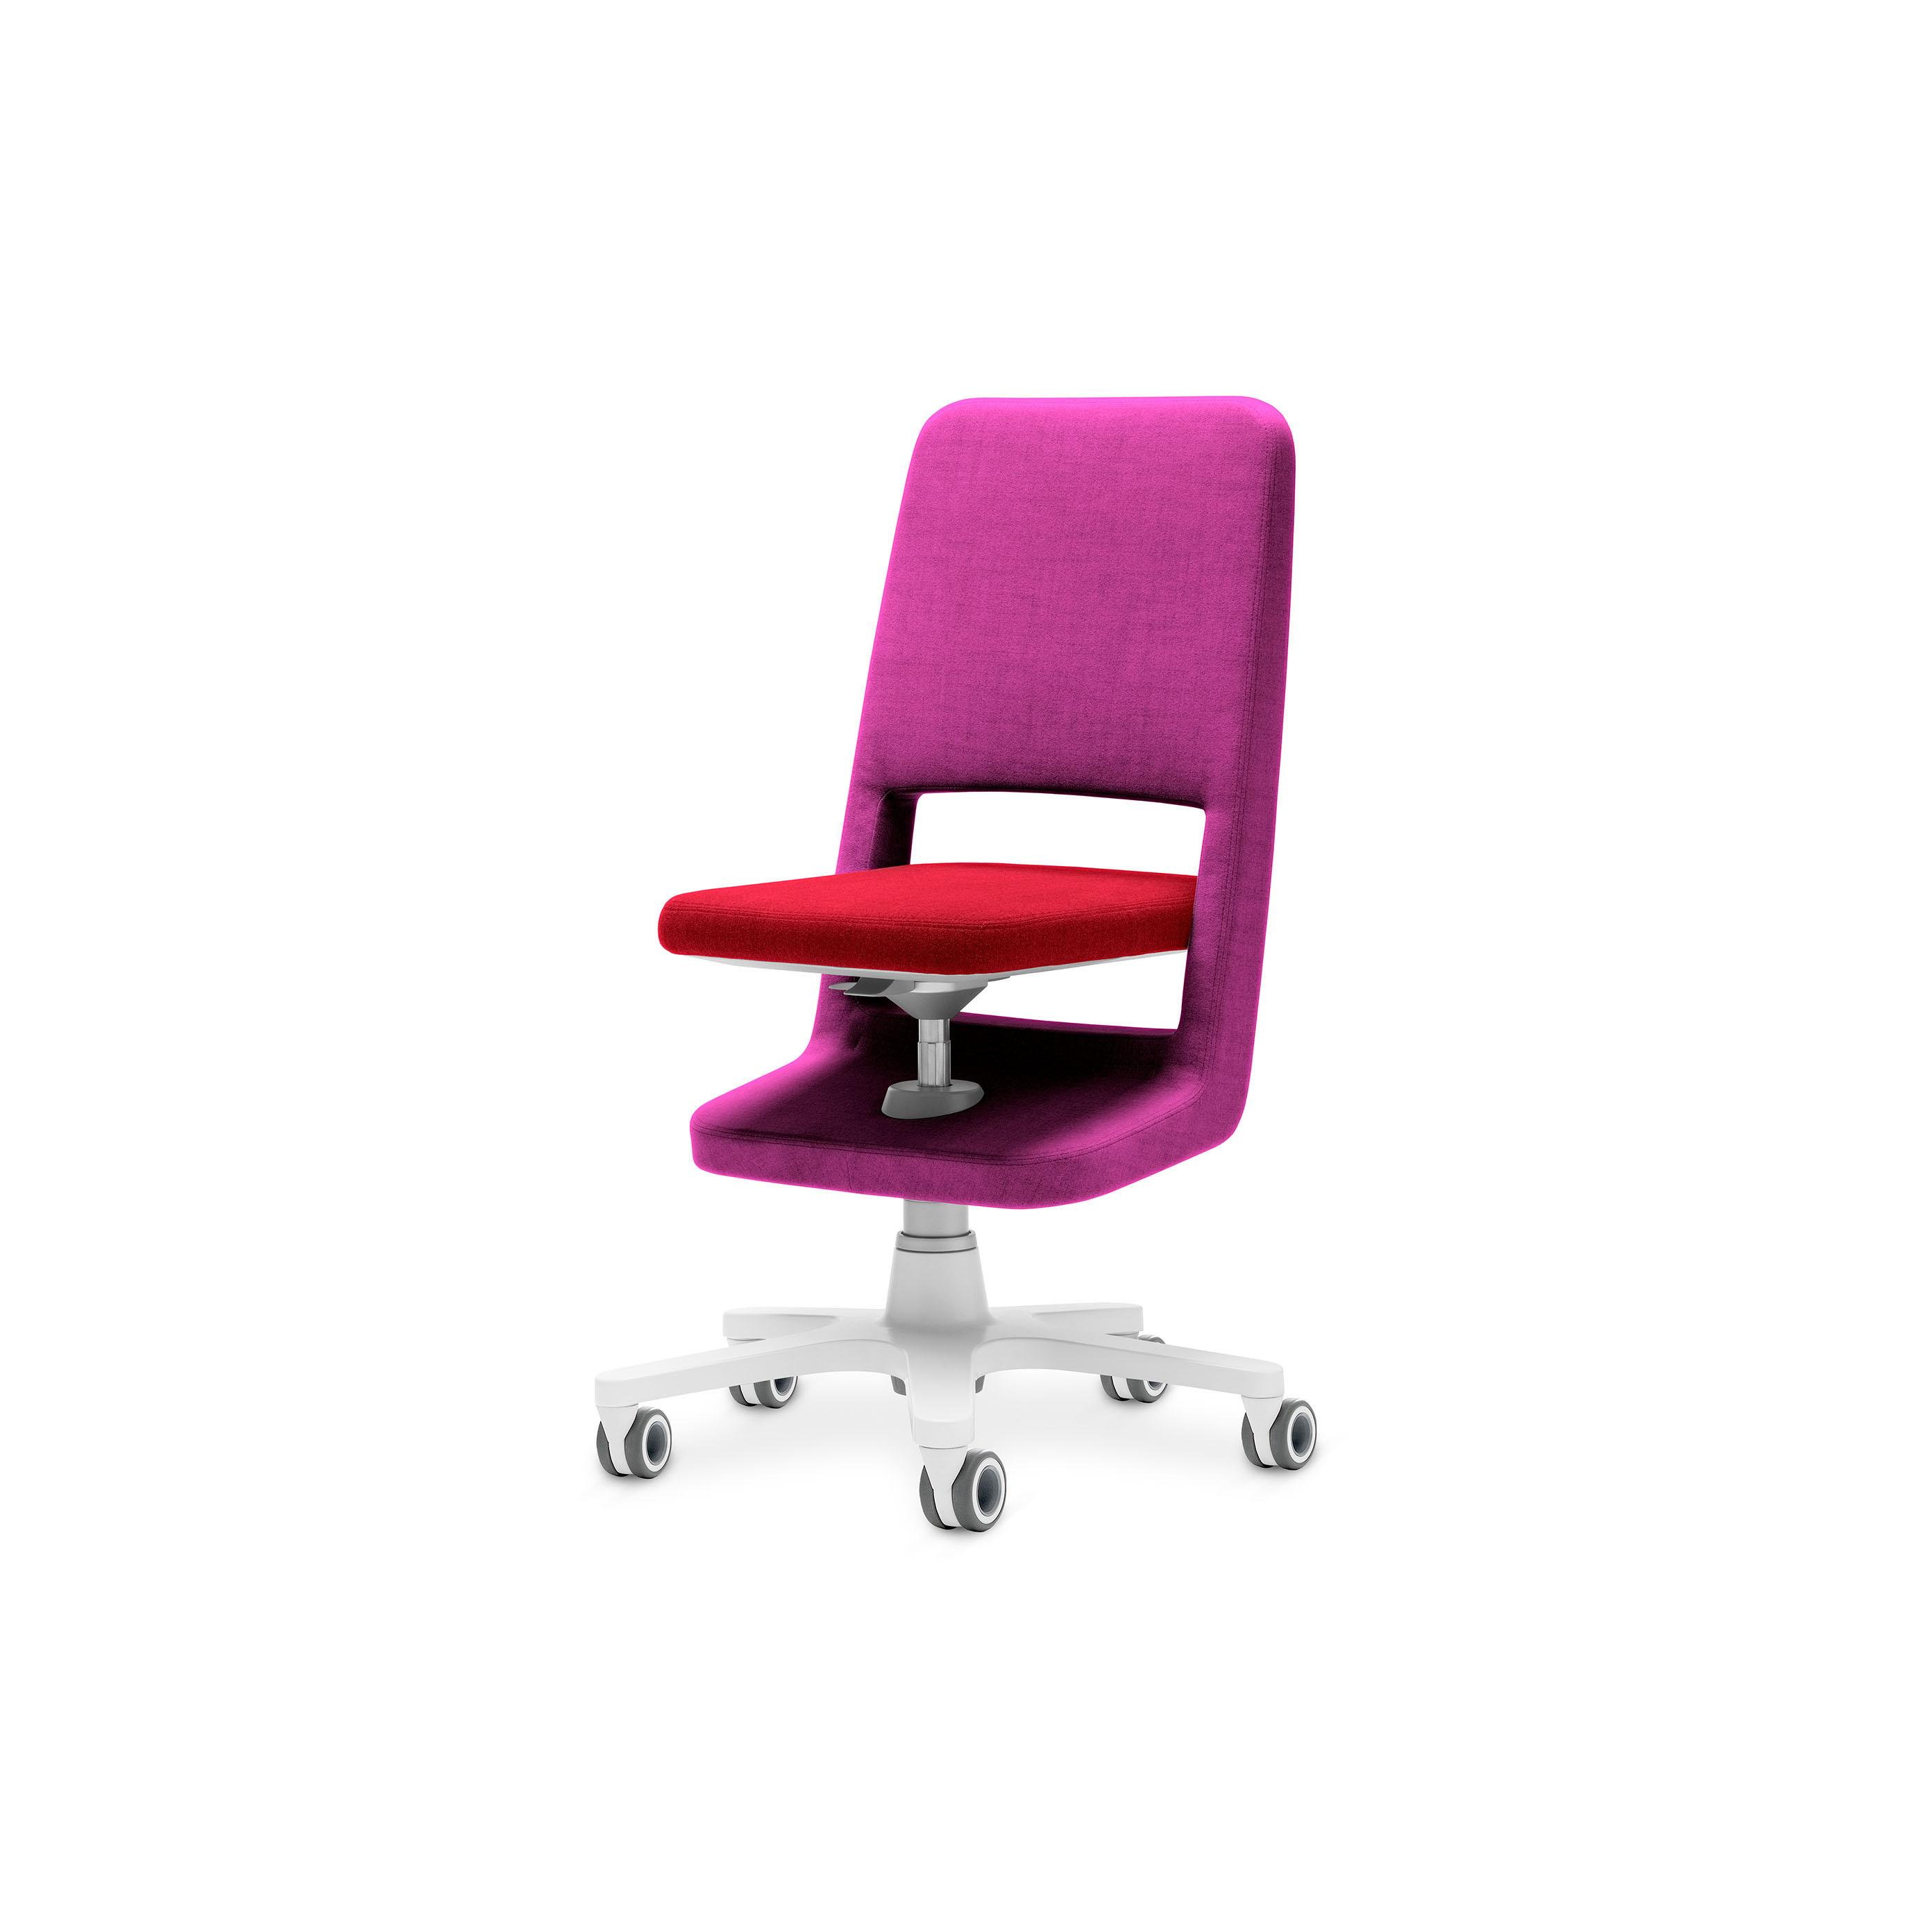 moll-s9-Designdrehstuhl-unique-pink-rot-Kopie1